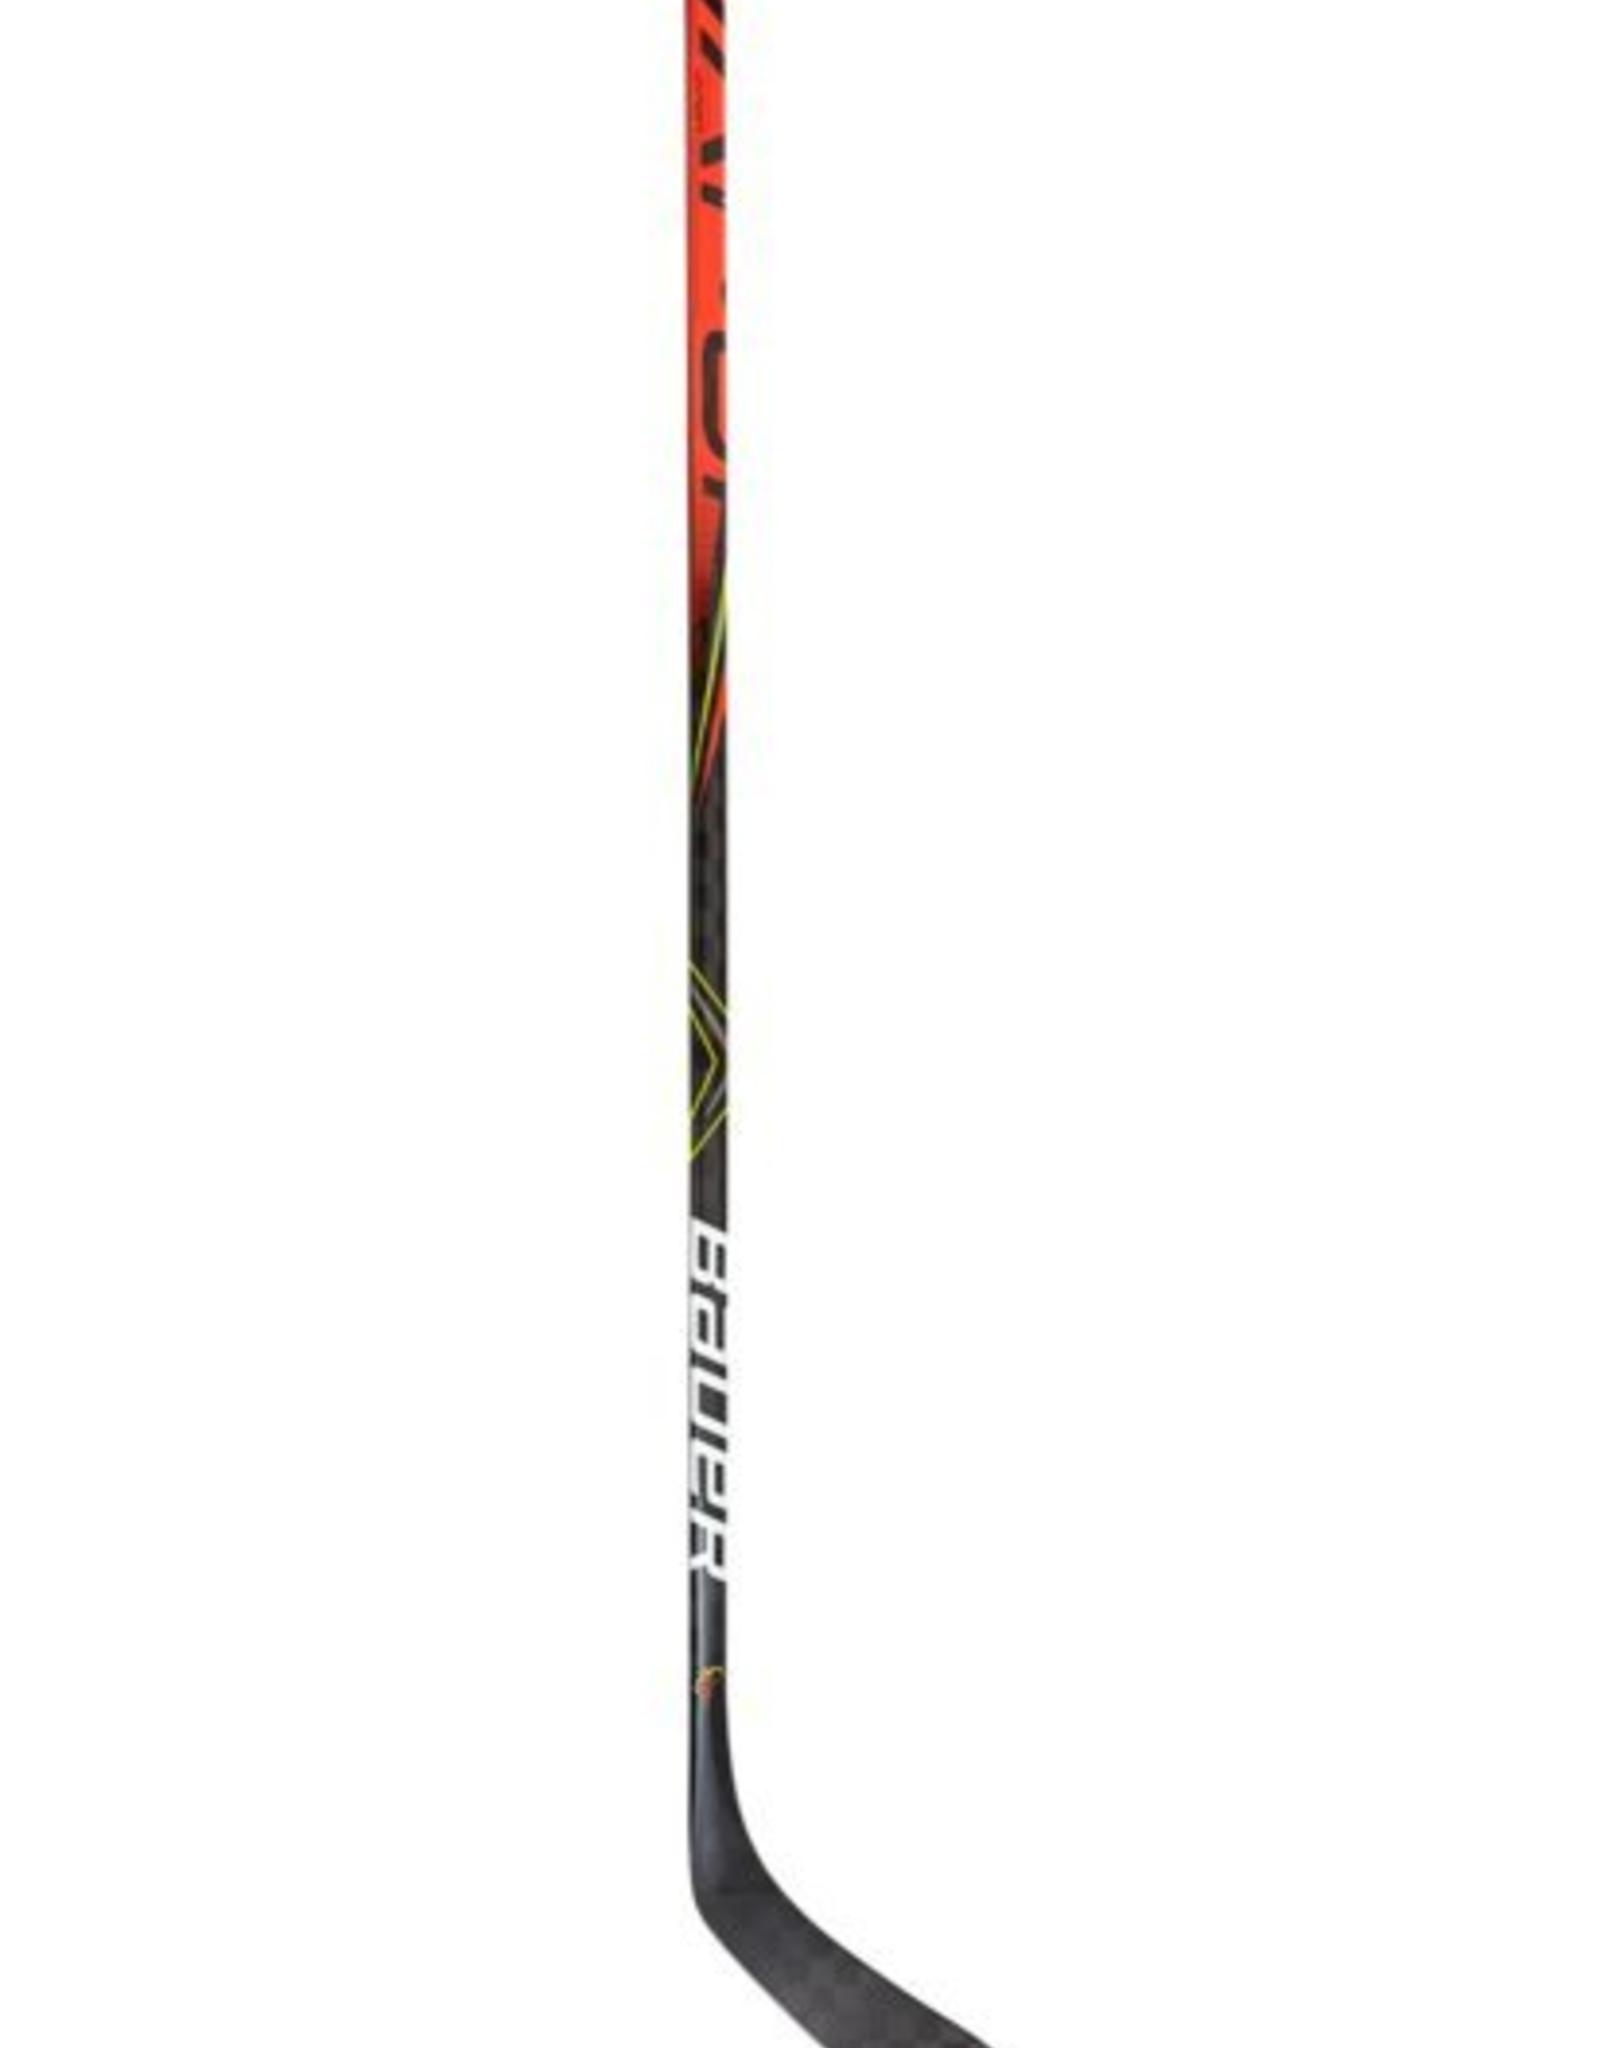 Bauer Hockey S19 VAPOR FLYLITE GRIP STICK SR-77 LFT P88